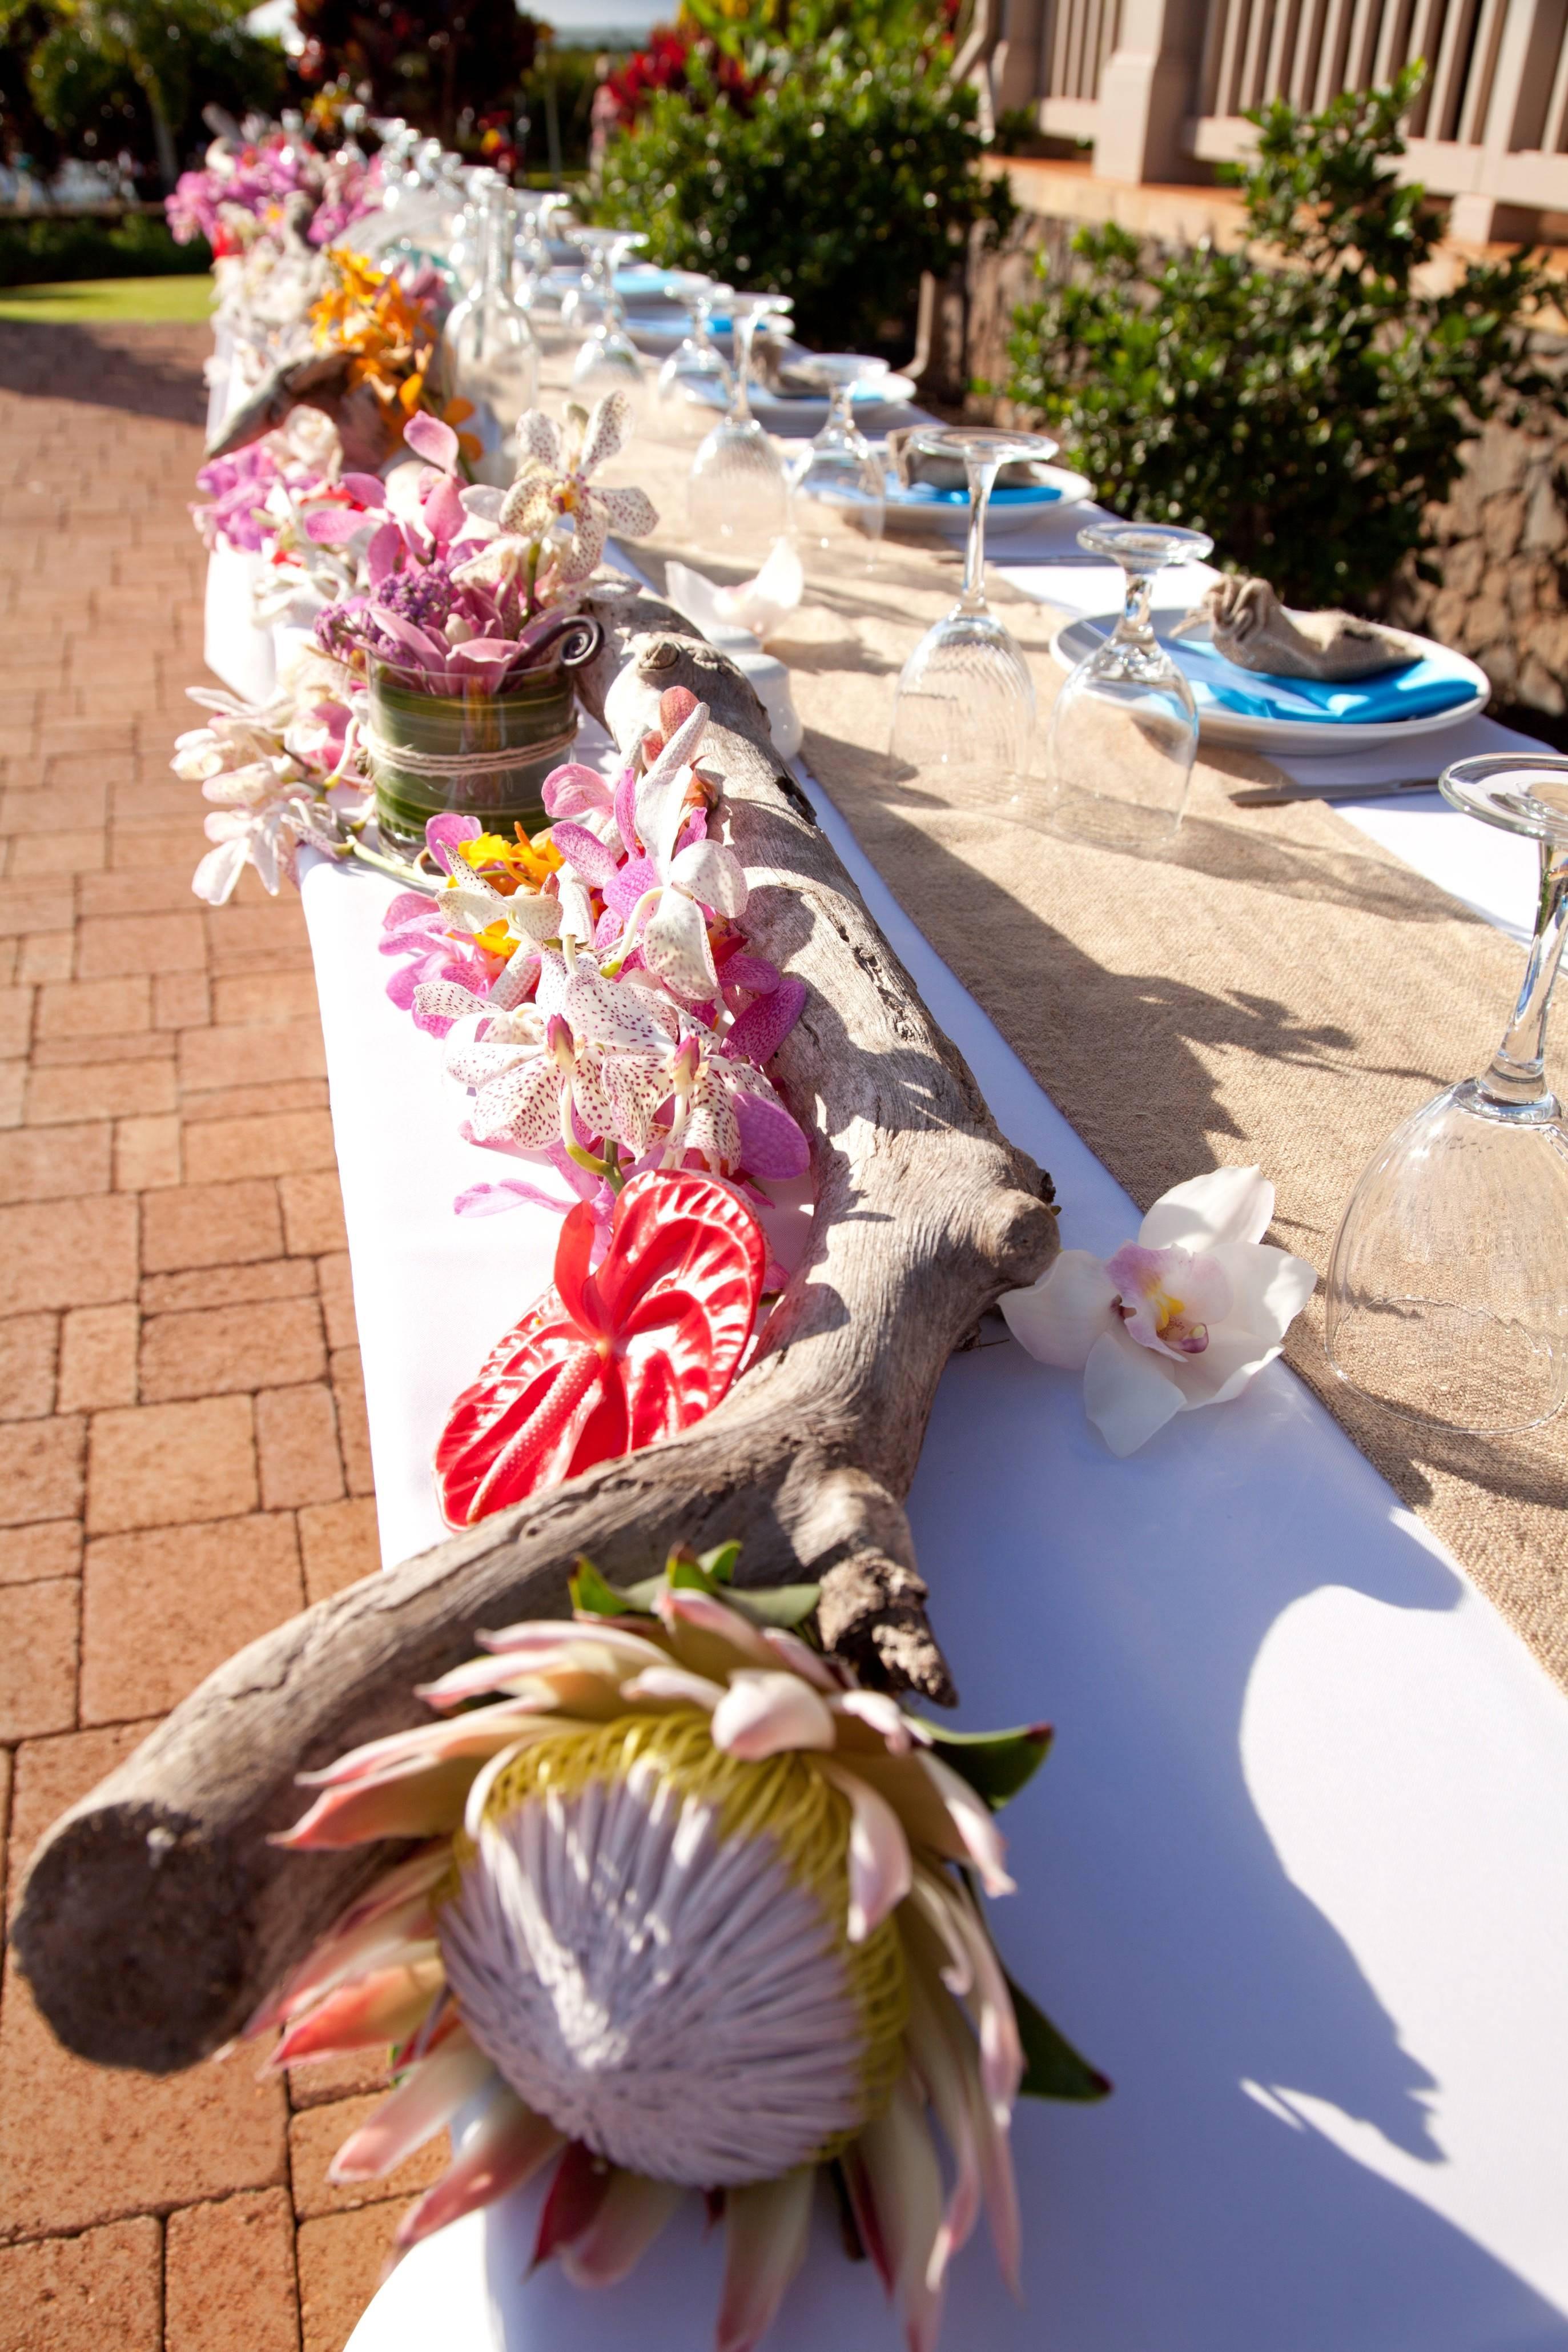 handmade vase ideas of wedding food table ideas coolest wedding decoration ideas p h vases pertaining to wedding food table ideas coolest wedding decoration ideas p h vases martini vase centrepiece i 0d